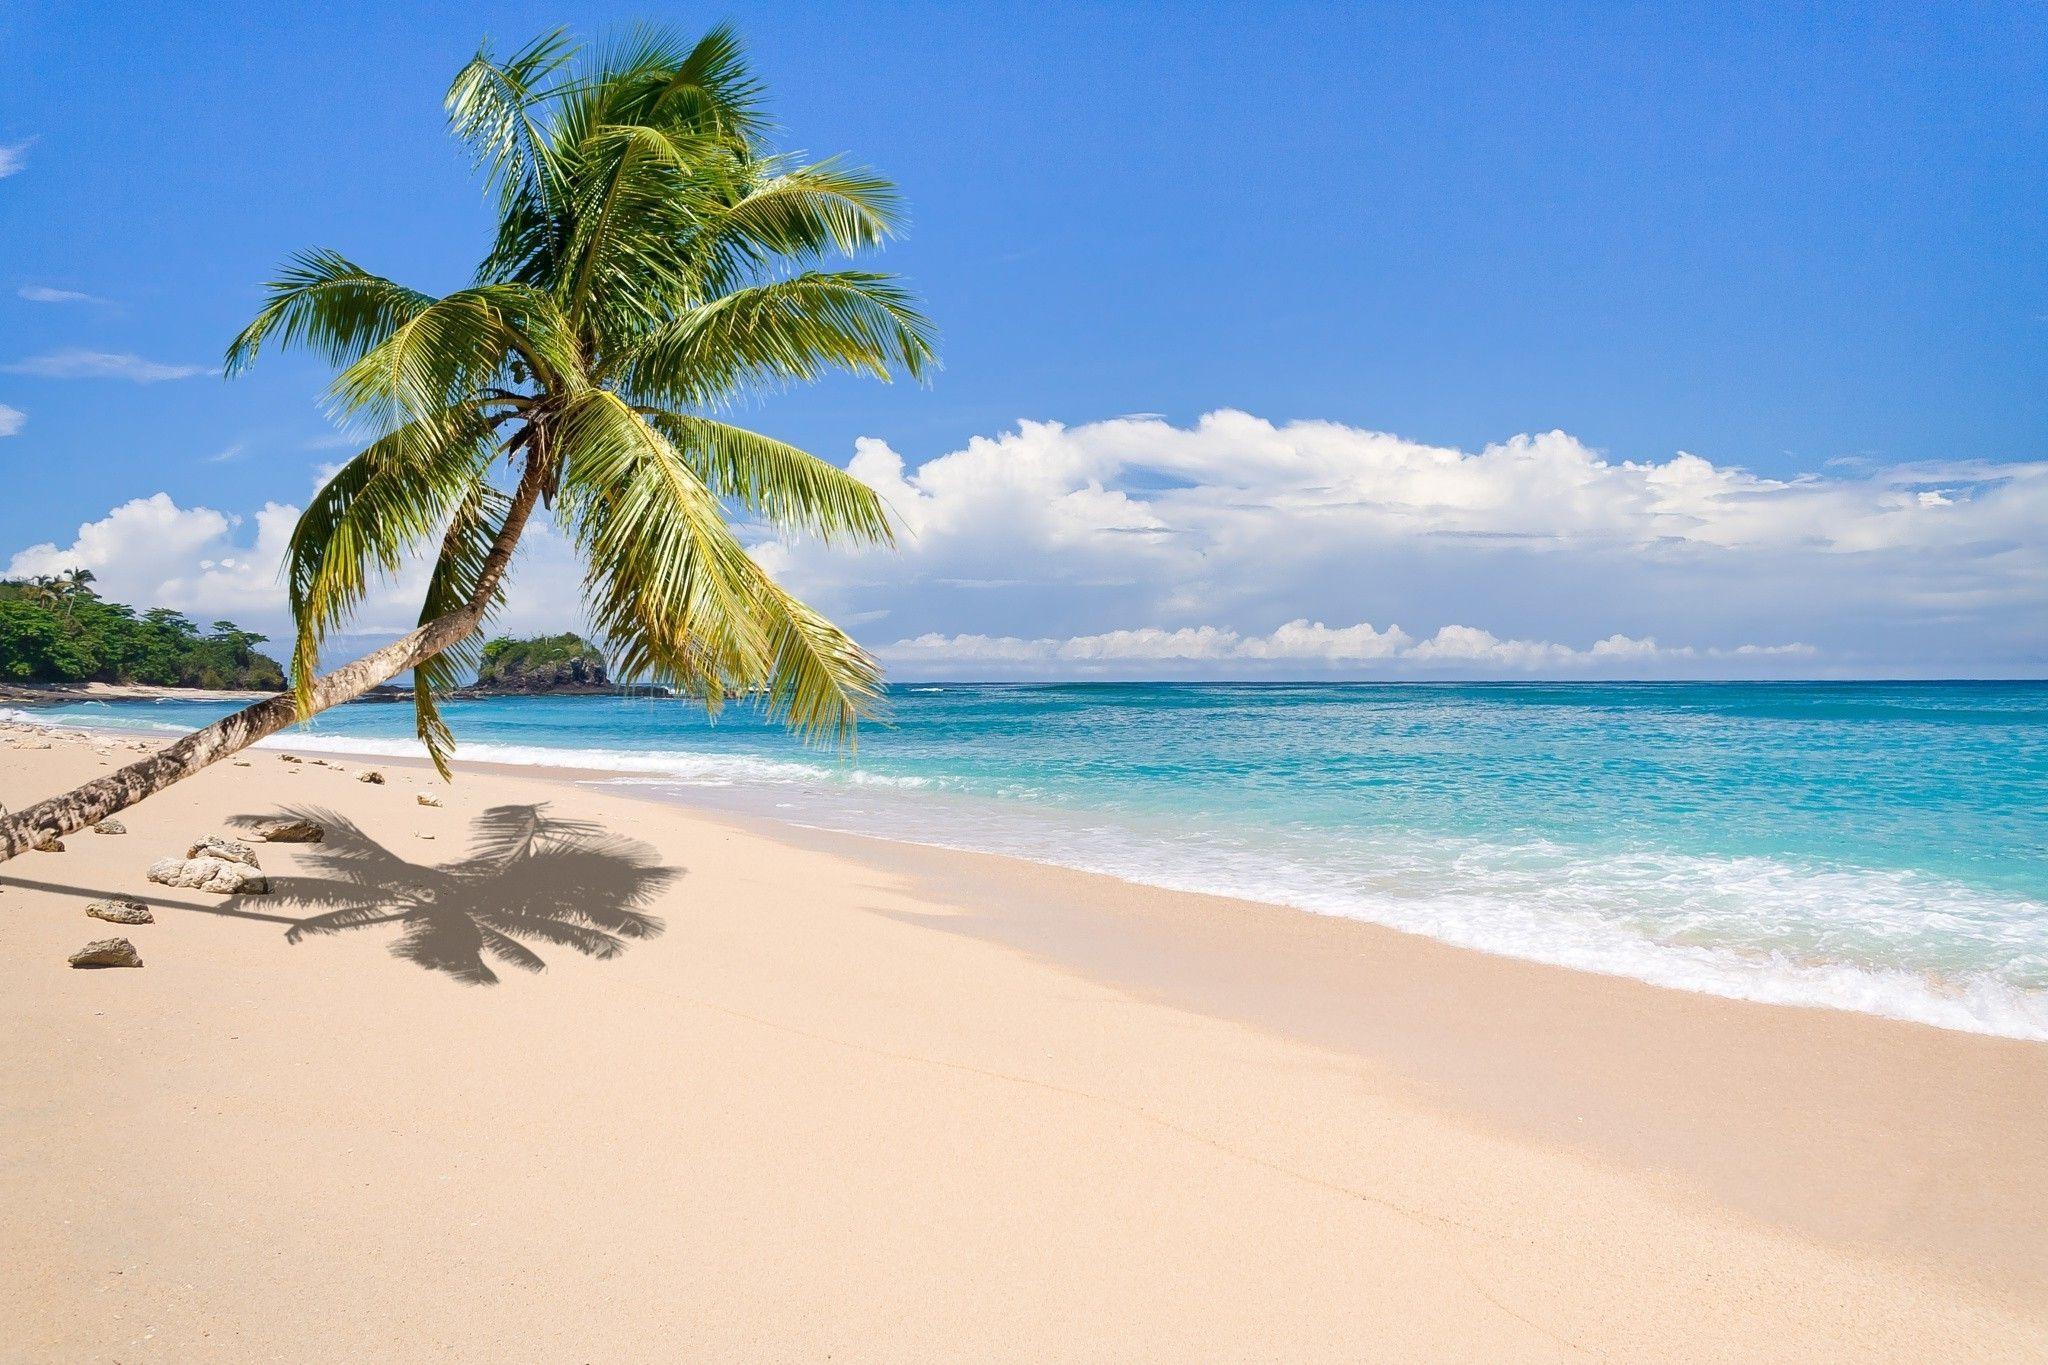 2048x1365 Thiên nhiên, Phong cảnh, Nhiệt đới, Đảo, Bãi biển, Cây cọ - Đảo sa mạc - 2048x1365 - Tải xuống Hình nền HD